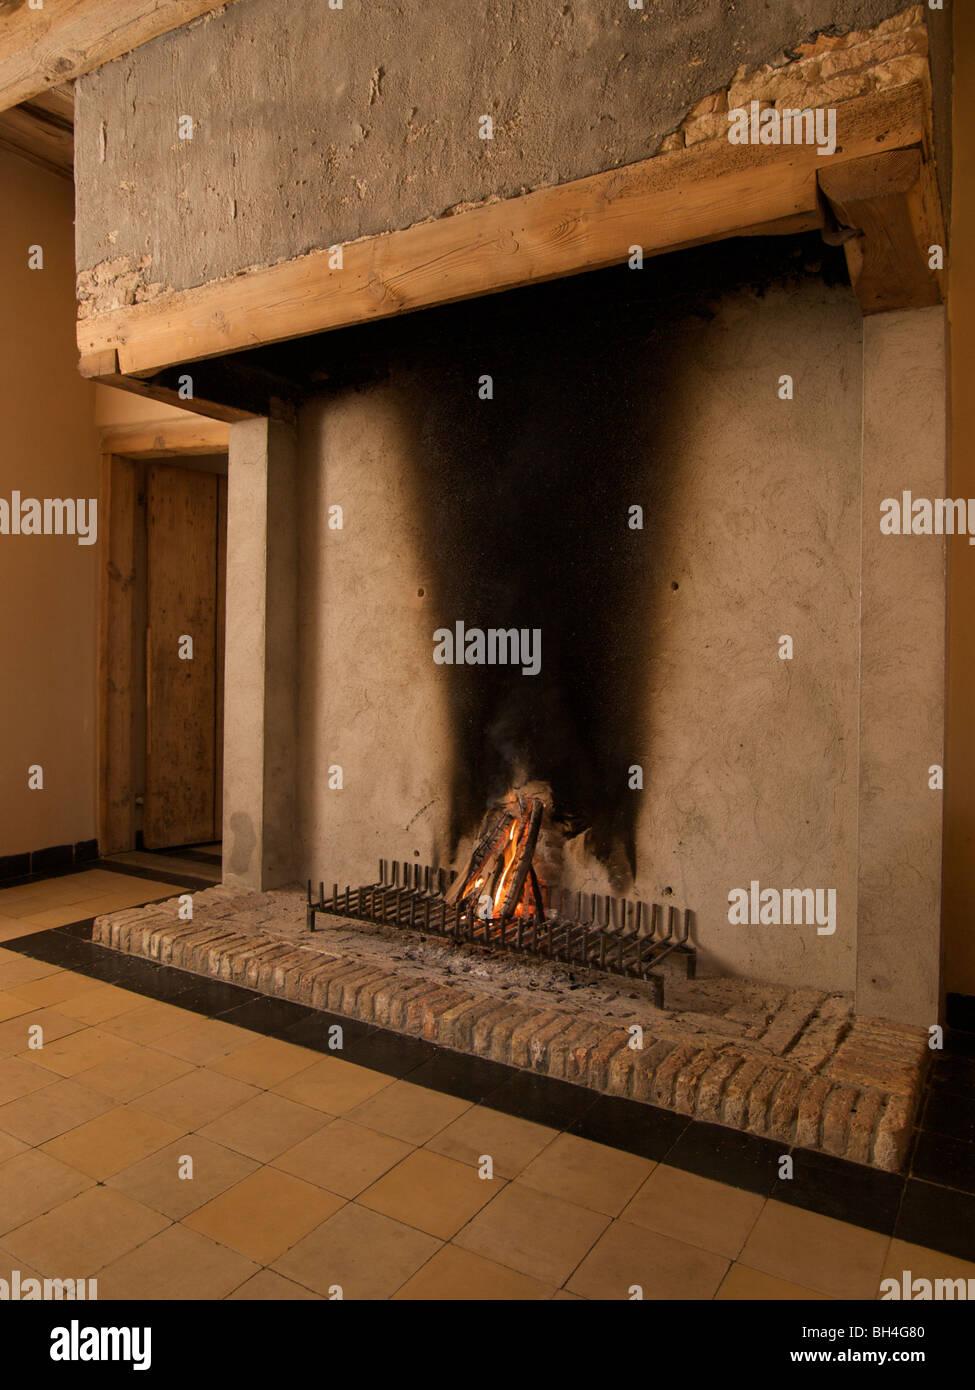 17 Jahrhundert Bild Architektur: Holz Feuer Im Kamin Aus Dem 17. Jahrhundert. Ulvenhout